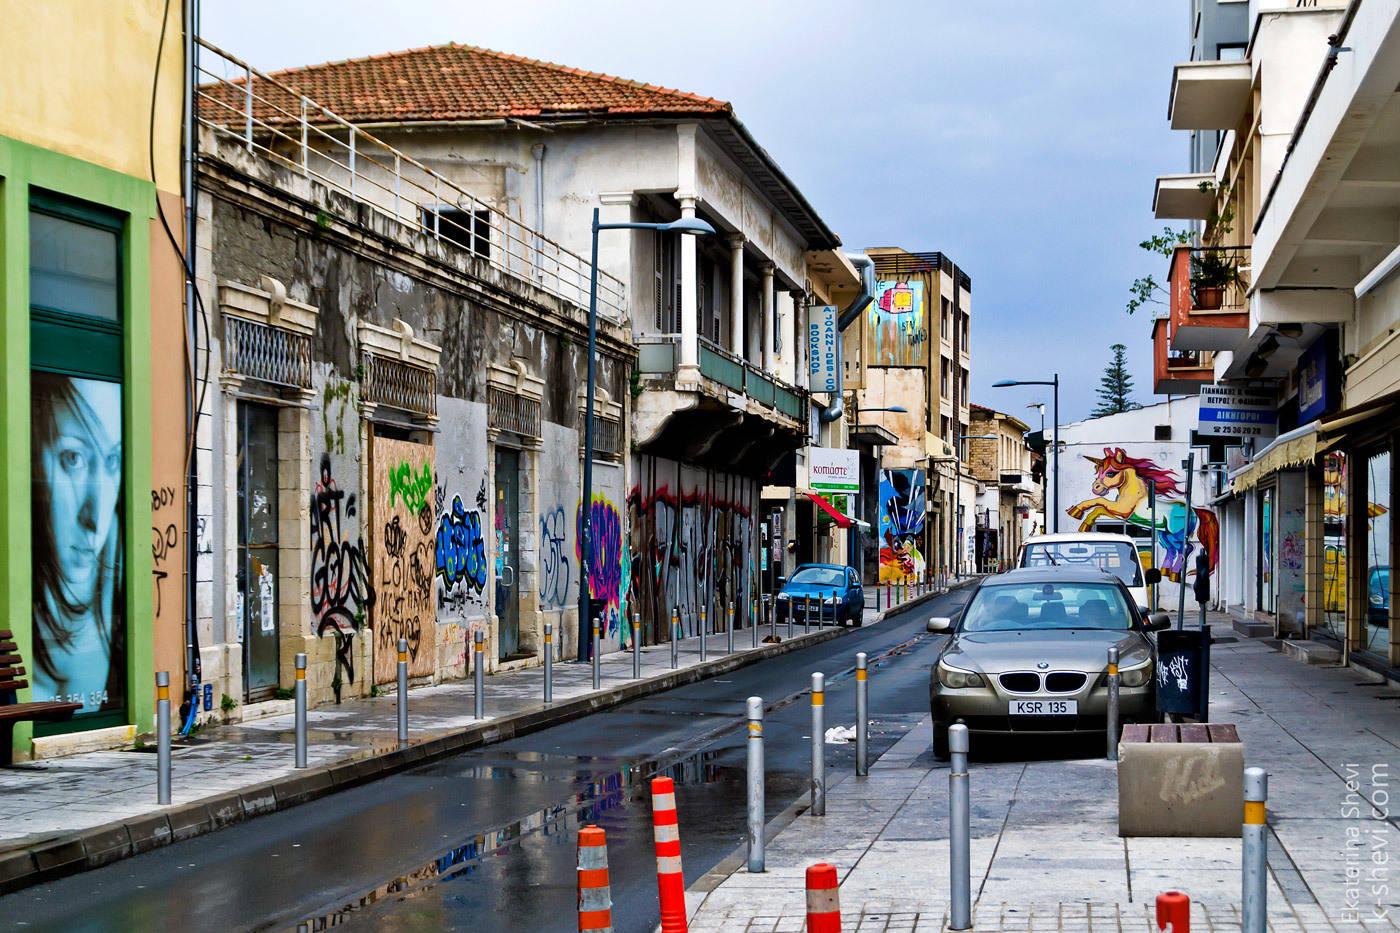 В Старом городе- граффити украшают мрачные стены.